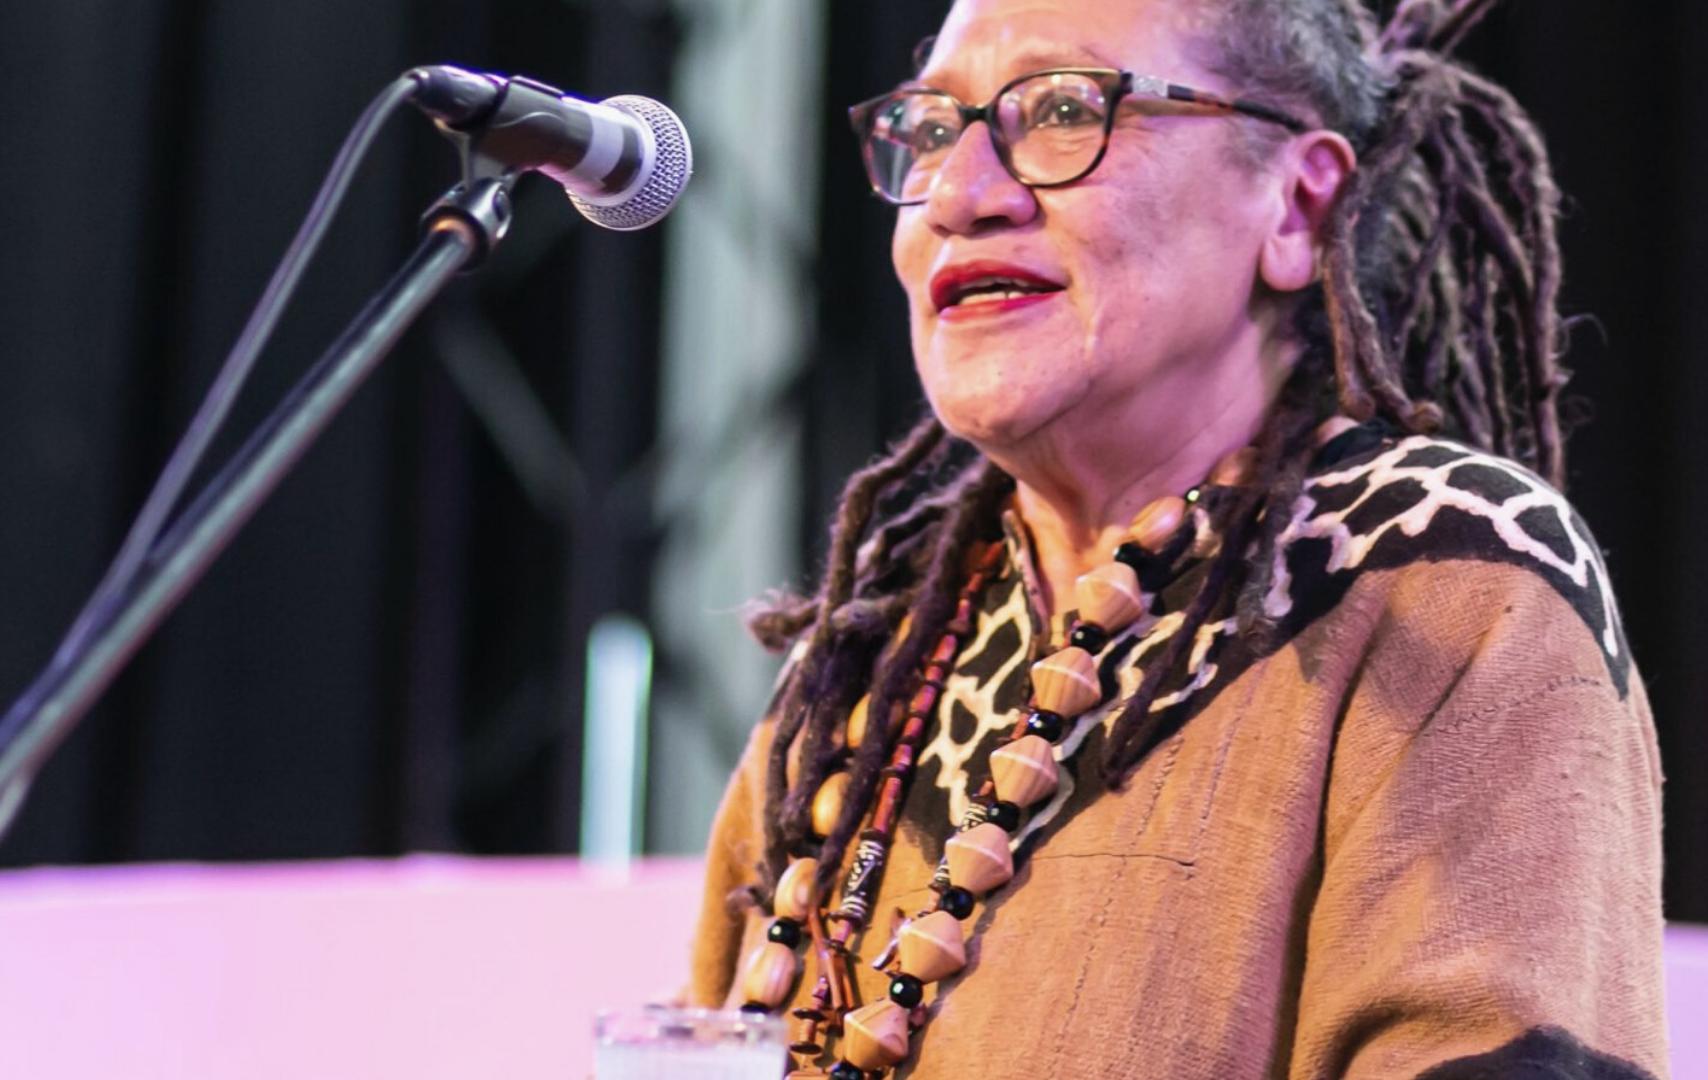 Foto van Gloria Wekker. Zij staat op een podium, achter een microfoon. Ze heeft een donkere bril en lang, grijs-zwart haar.